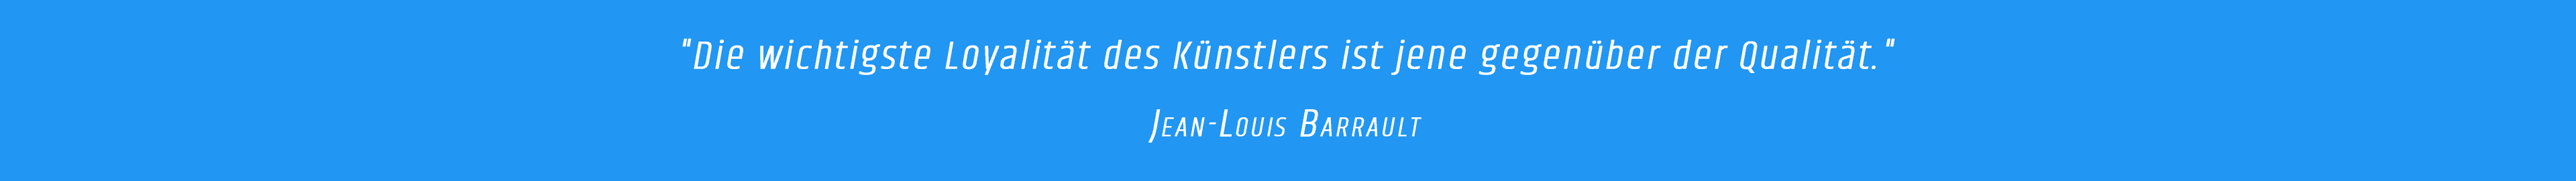 Zitat - Jean-Louis Barrault